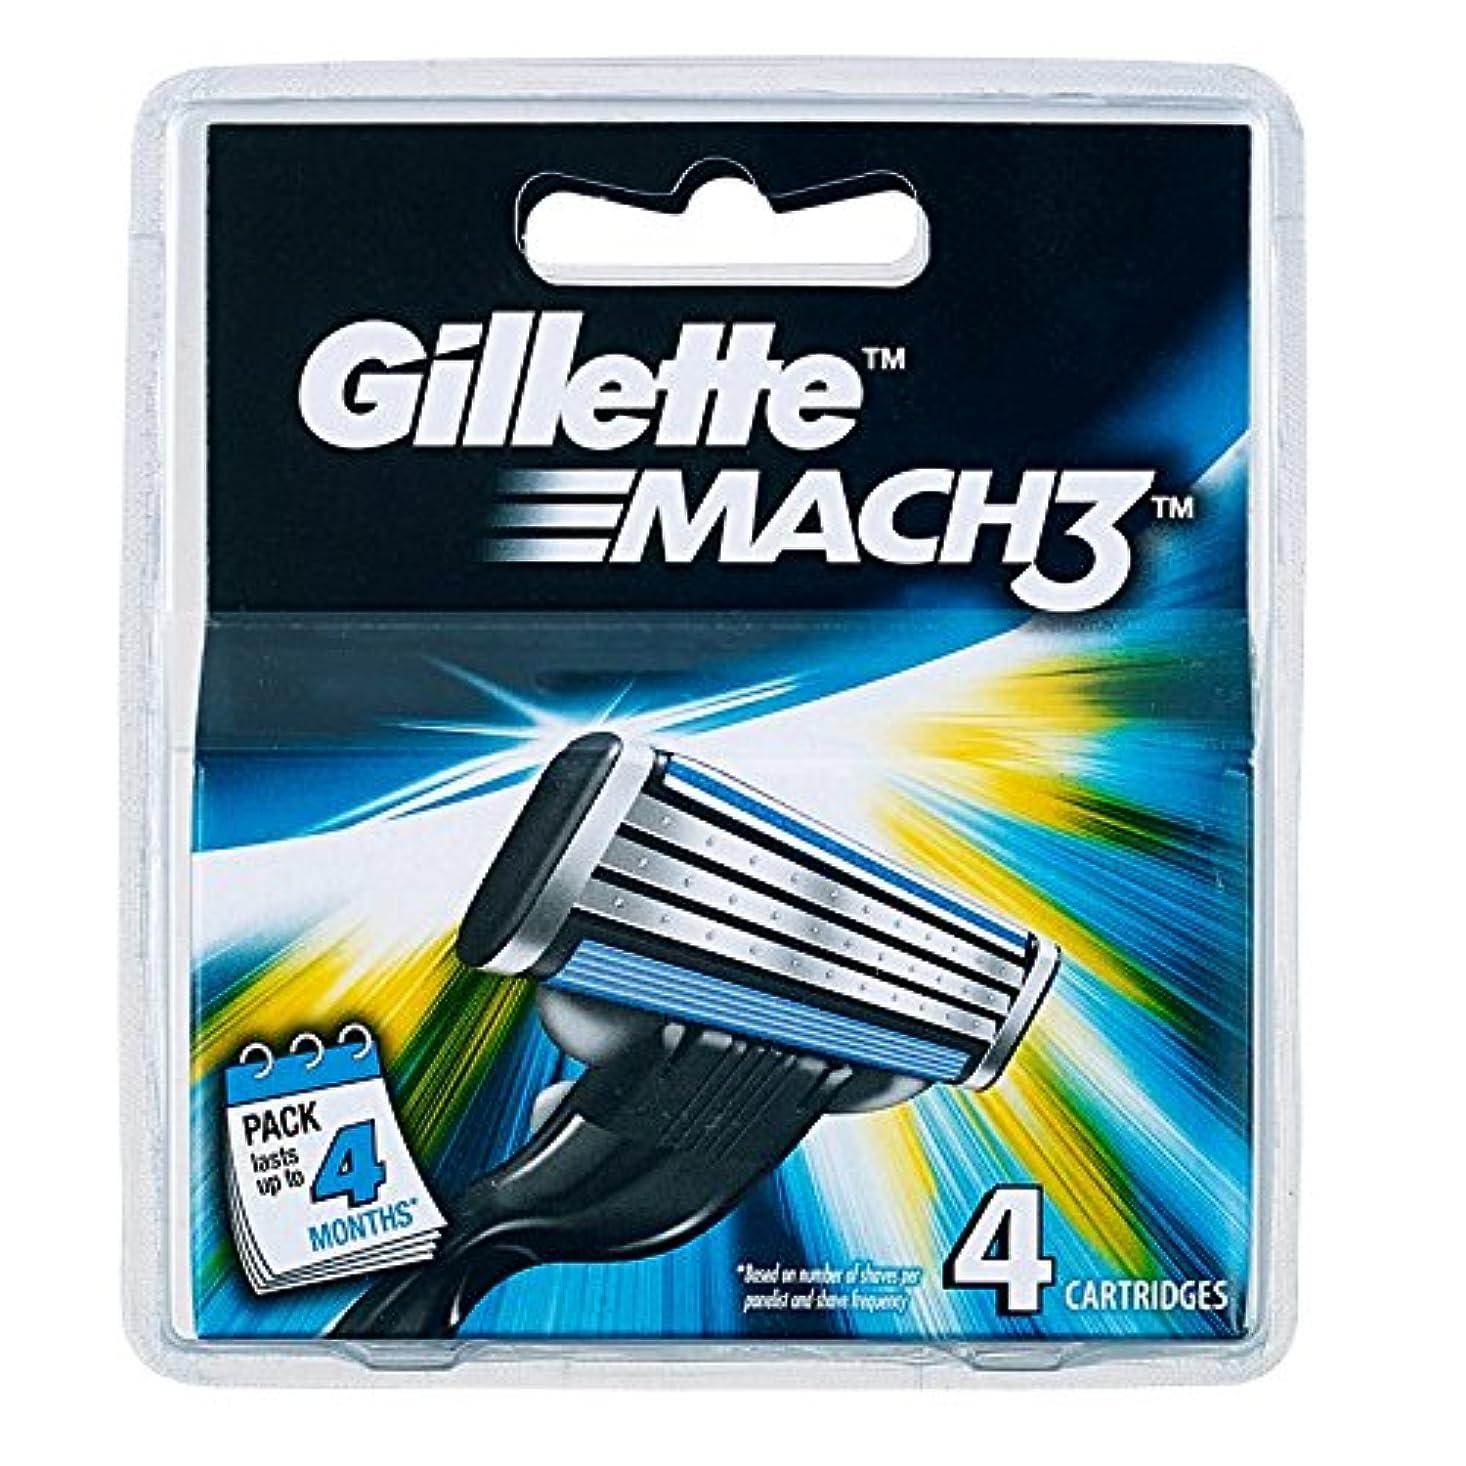 モチーフ不名誉なポルノGillette MACH3 SHAVING RAZOR CARTRIDGES BLADES 4 Pack [並行輸入品]